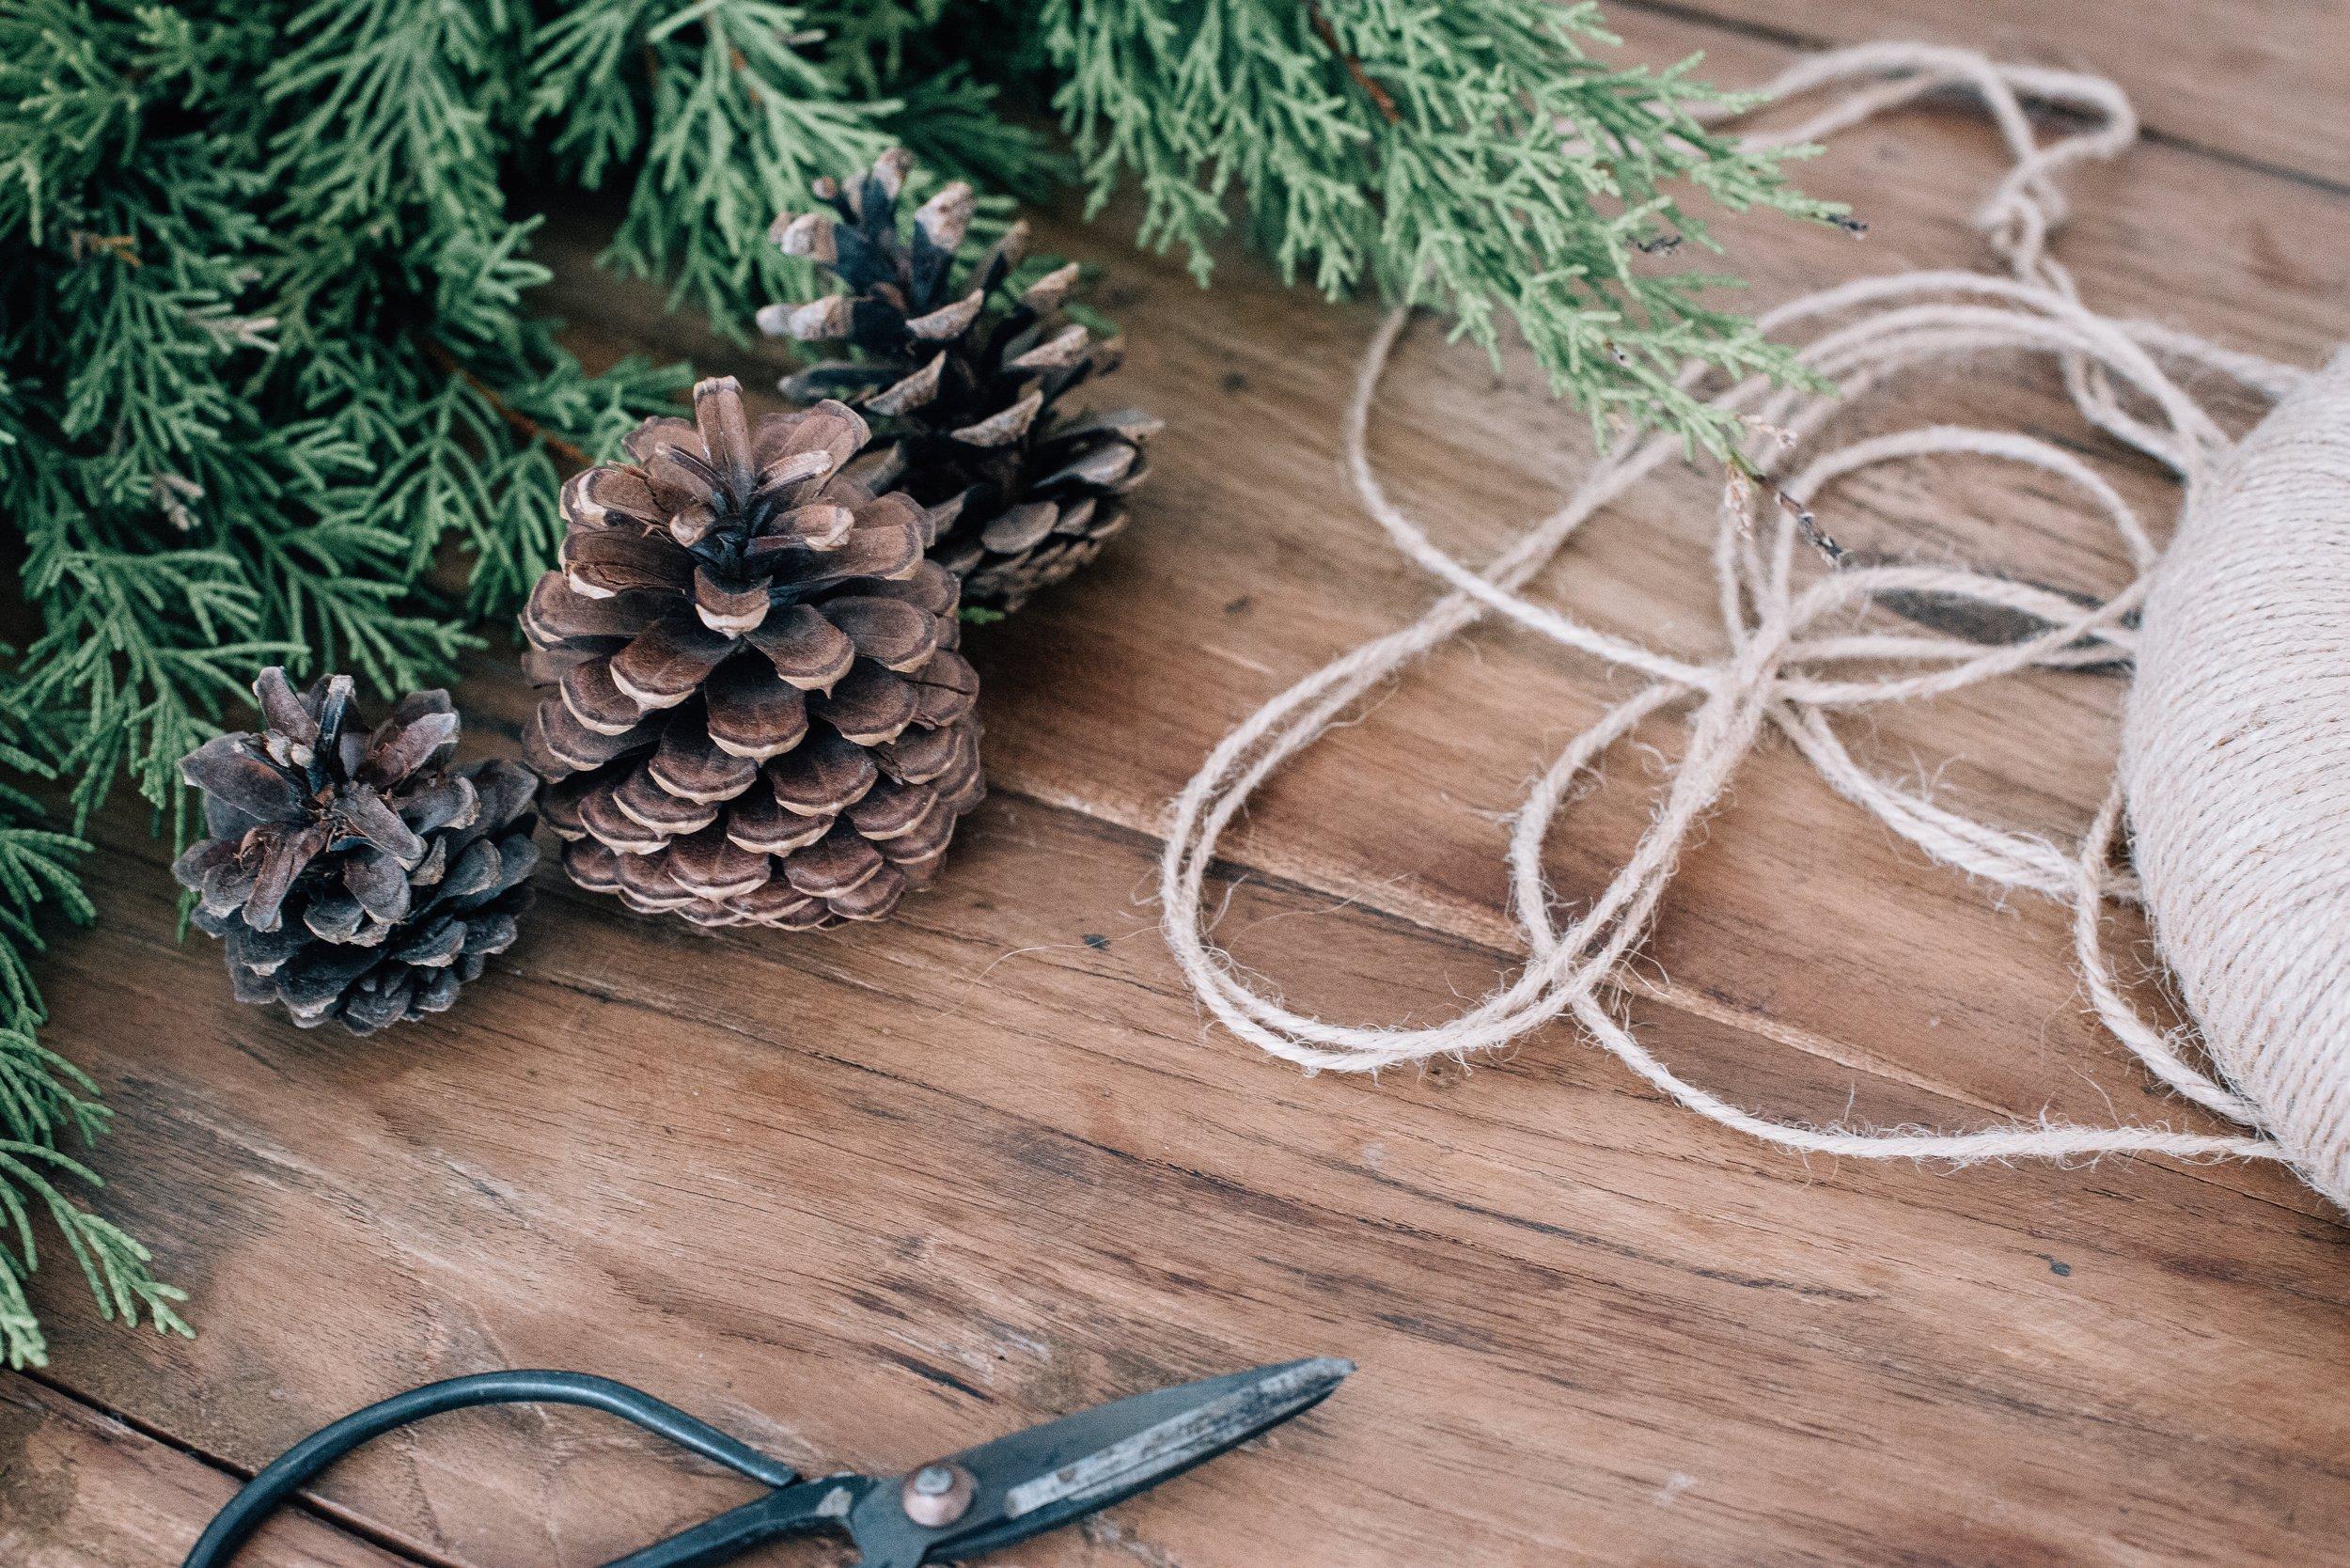 *zimtstern*_xmas specialsamstags 13.00 - 15.00 - was hat architektur mit weihnachten zu tun? auf den ersten blick nicht sehr viel - doch wir kreieren gemeinsam baumschmuck und geschenke, die das gegenteil beweisen. während es draussen langsam kälter und ungemütlicher wird - duftet es in unserem werkraum nach weihnachtsguetsli, bei musik und wintergeschichten basteln wir einzigartige geschenke für unsere familie, unsere freund*innen und für uns selbst!* * *termine: 2.11./9.11./16.11./23.11./ 30.11./ 7.12./14.12.chf 380inklusive material, snacks&drinks, musik, filme und geschichten…